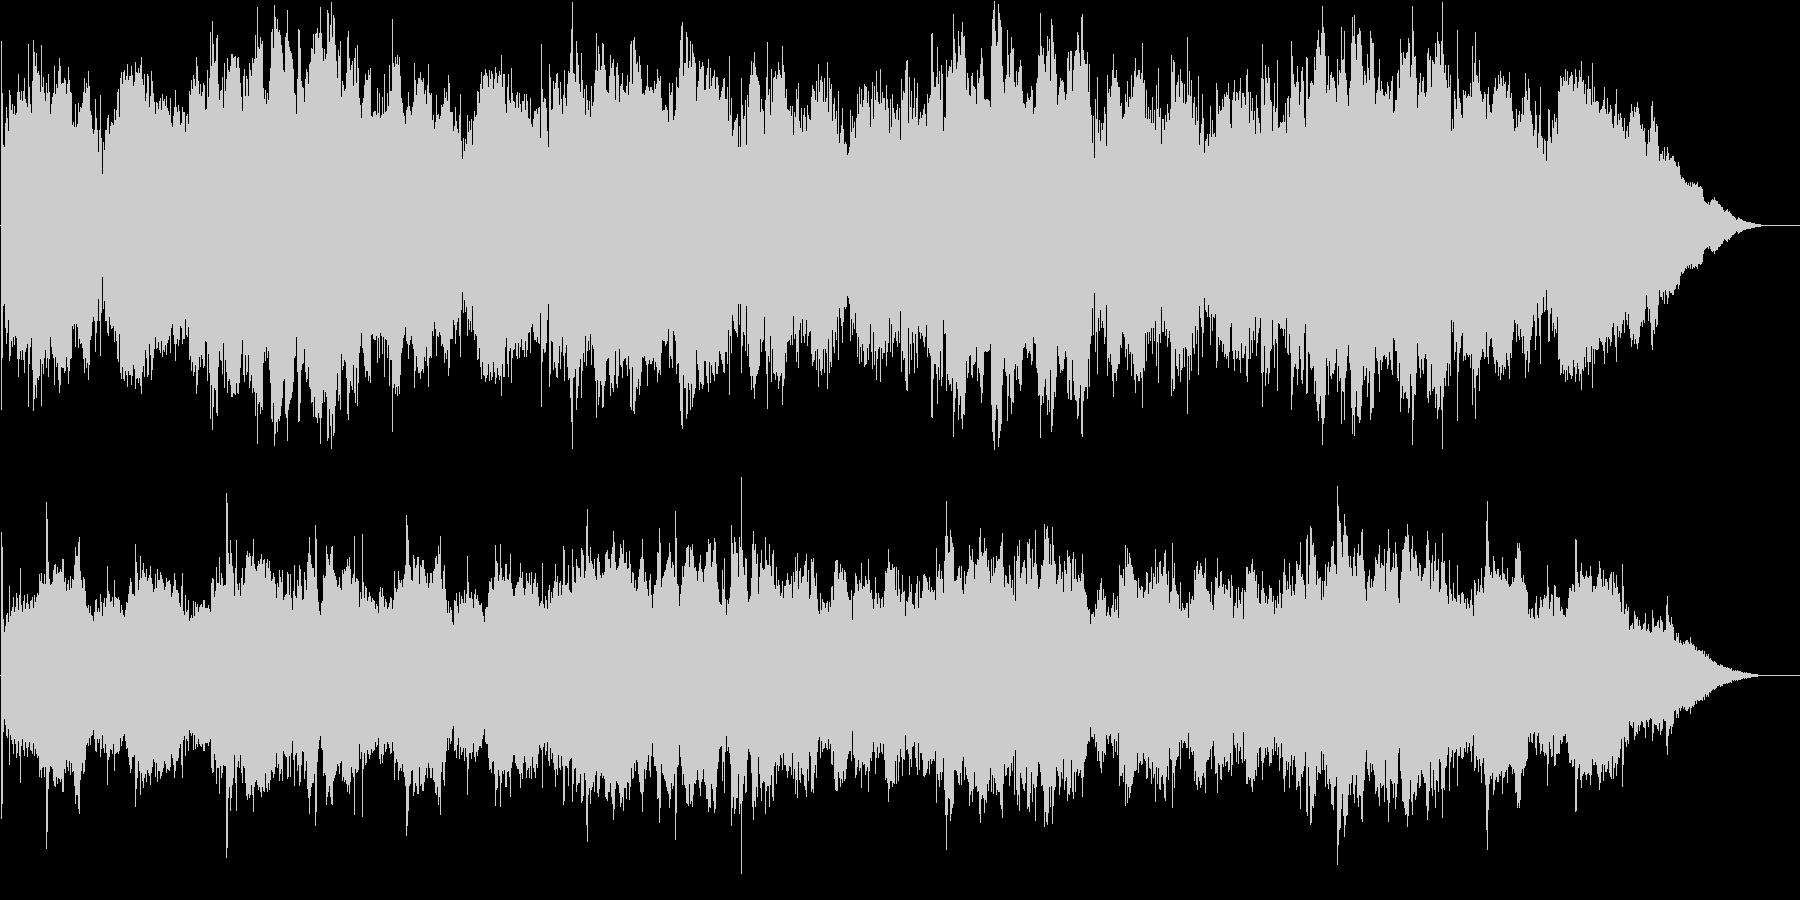 セーブ画面やセーフゾーンにおけるBGMの未再生の波形